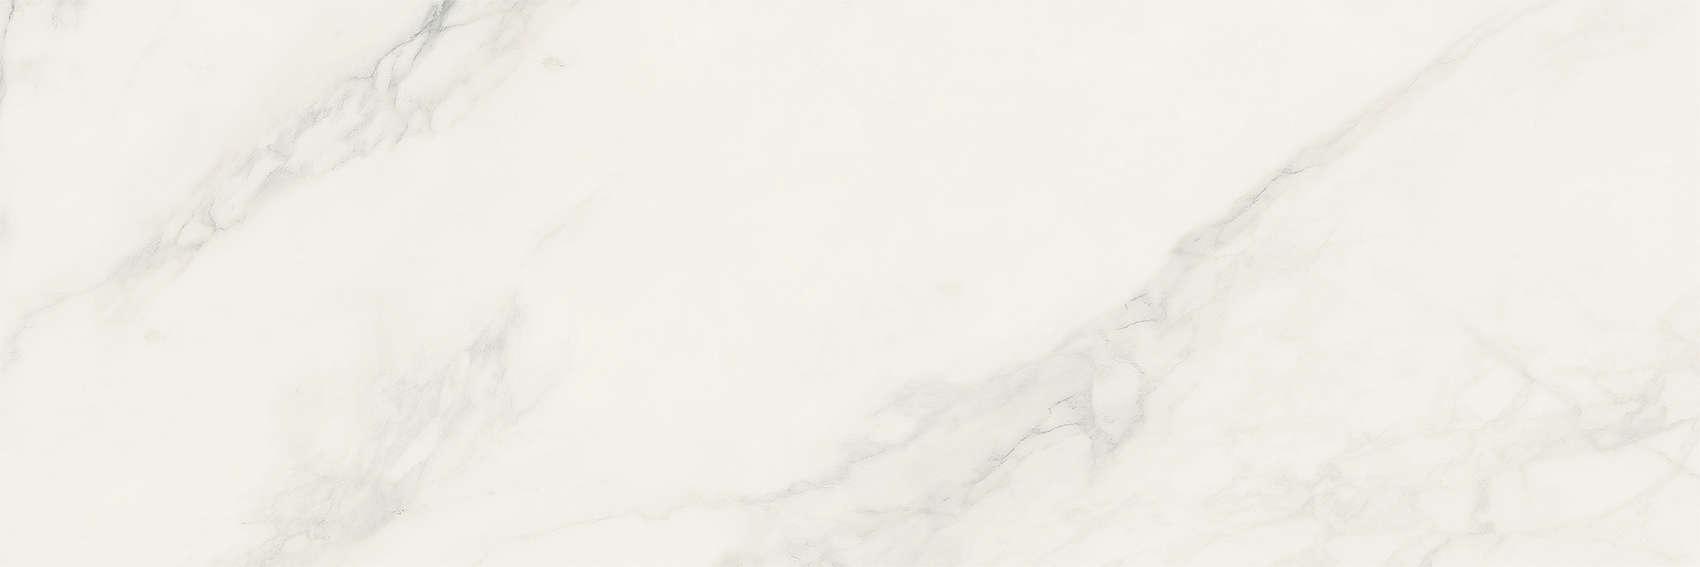 Faianță pentru baie Benadresa Cascais Cascais 300x900 lucioasă alb / 4